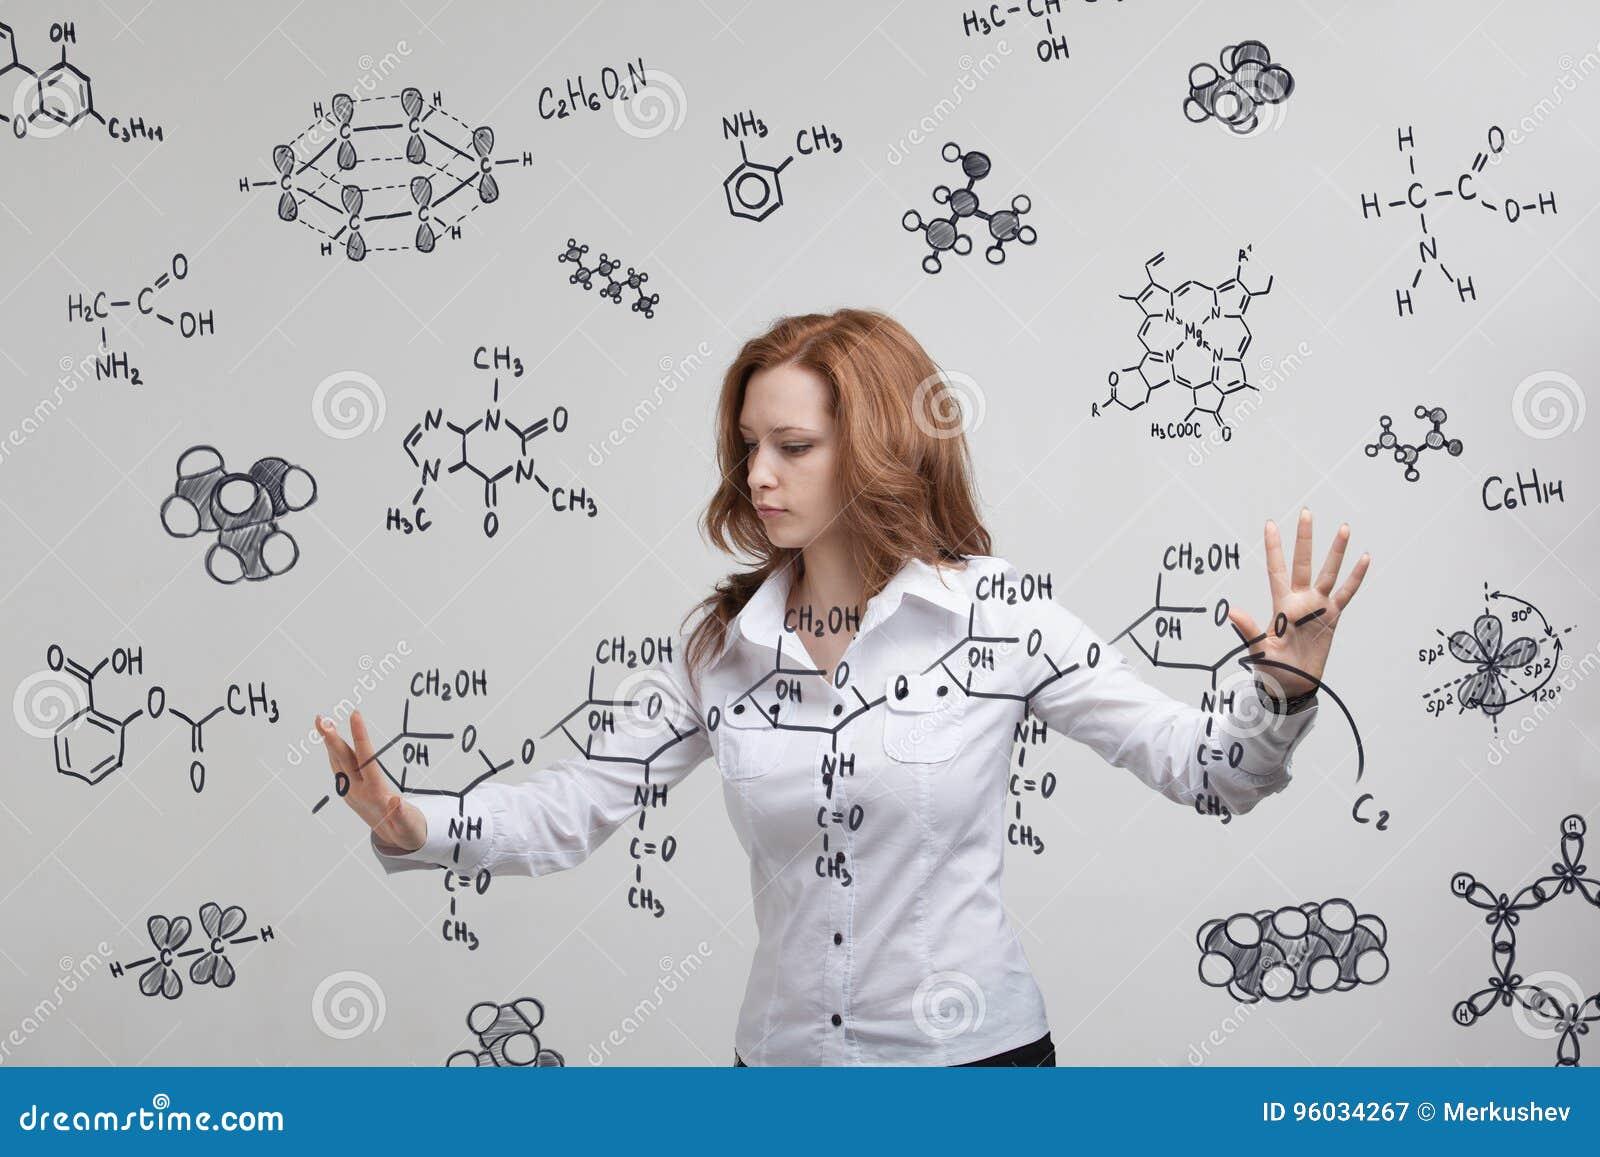 Φαρμακοποιός γυναικών που εργάζεται με τους χημικούς τύπους στο γκρίζο υπόβαθρο